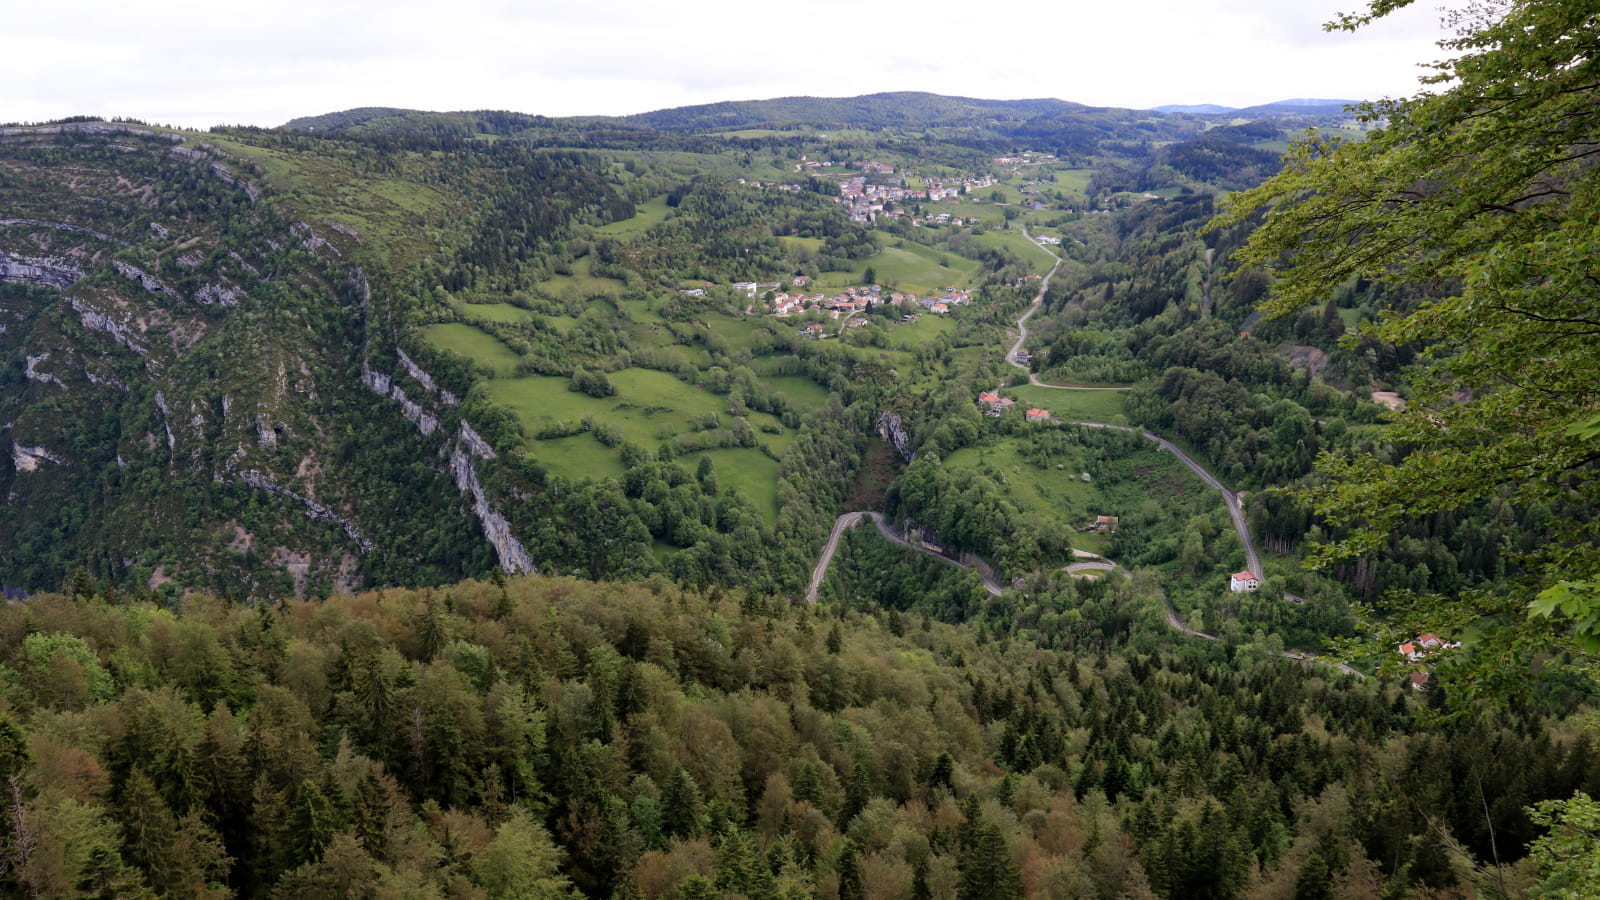 Espace Haut-Jura trail